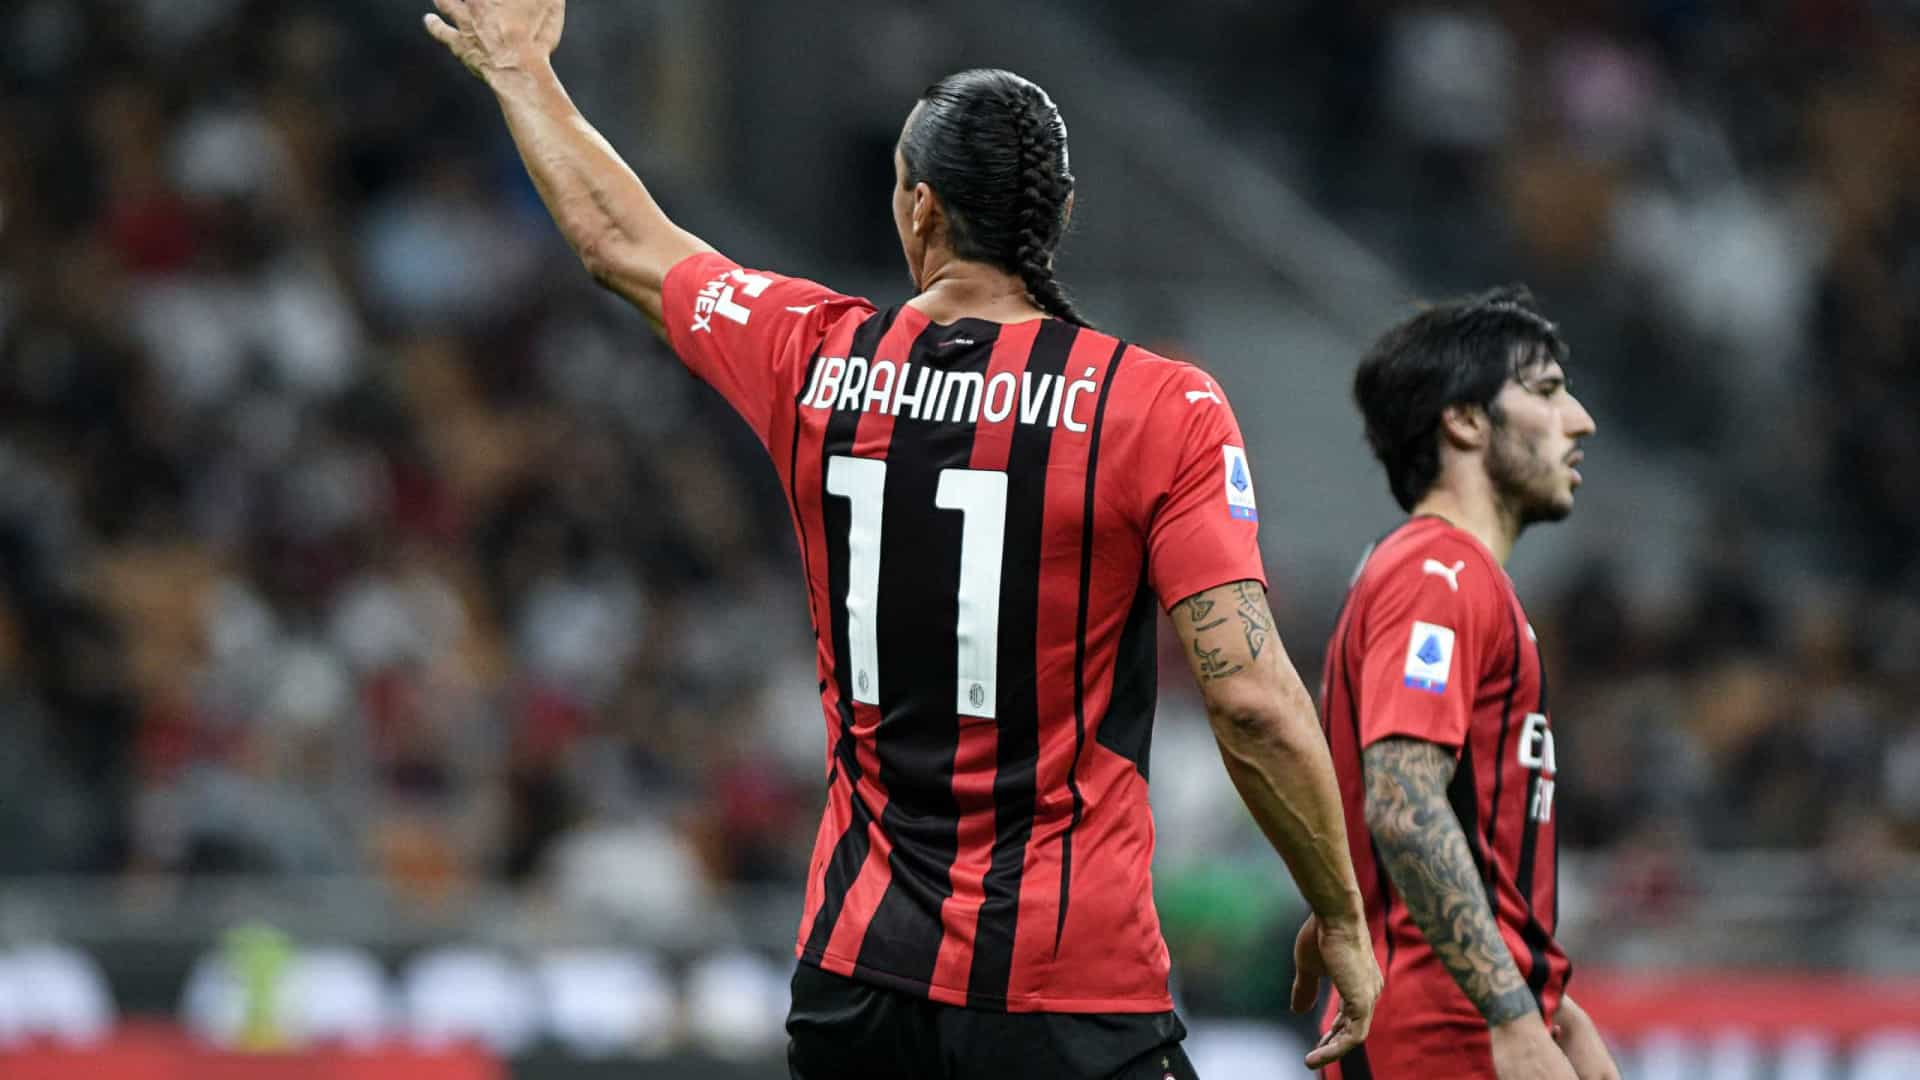 Serie A: Siga em direto os resultados e marcadores da 10.ª jornada